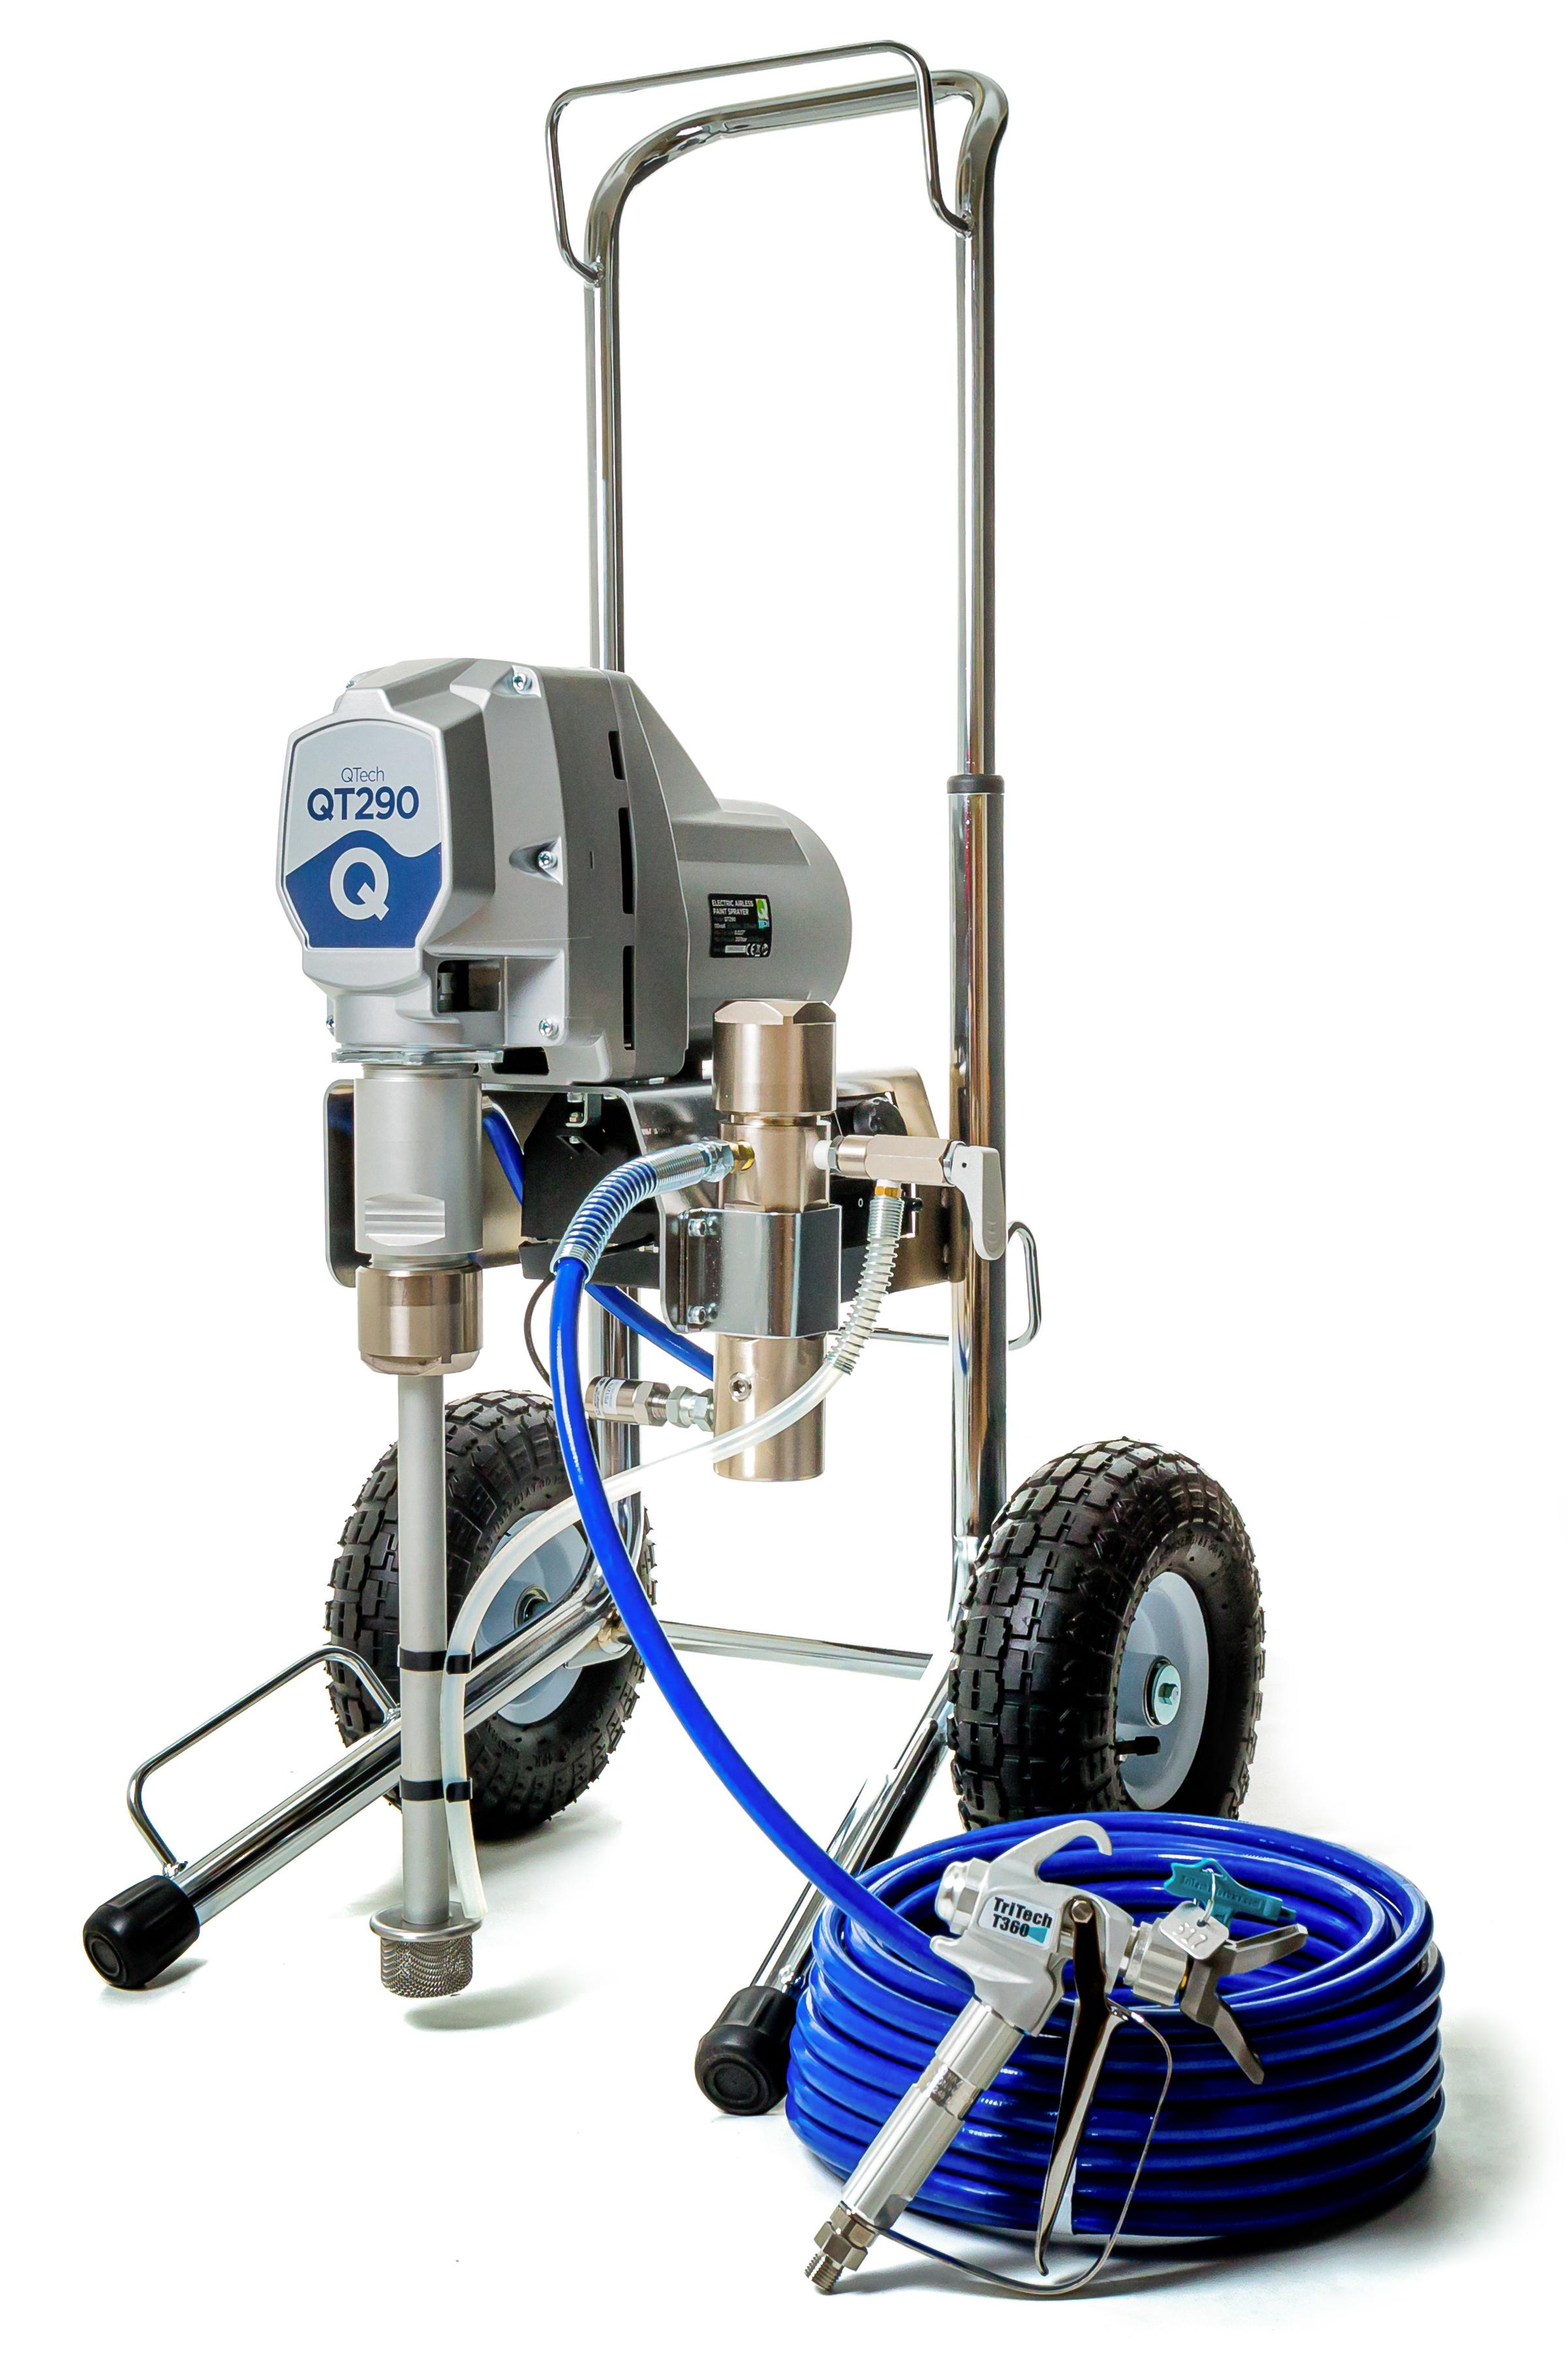 NEW! QTech QT290 Electric Airless Sprayer